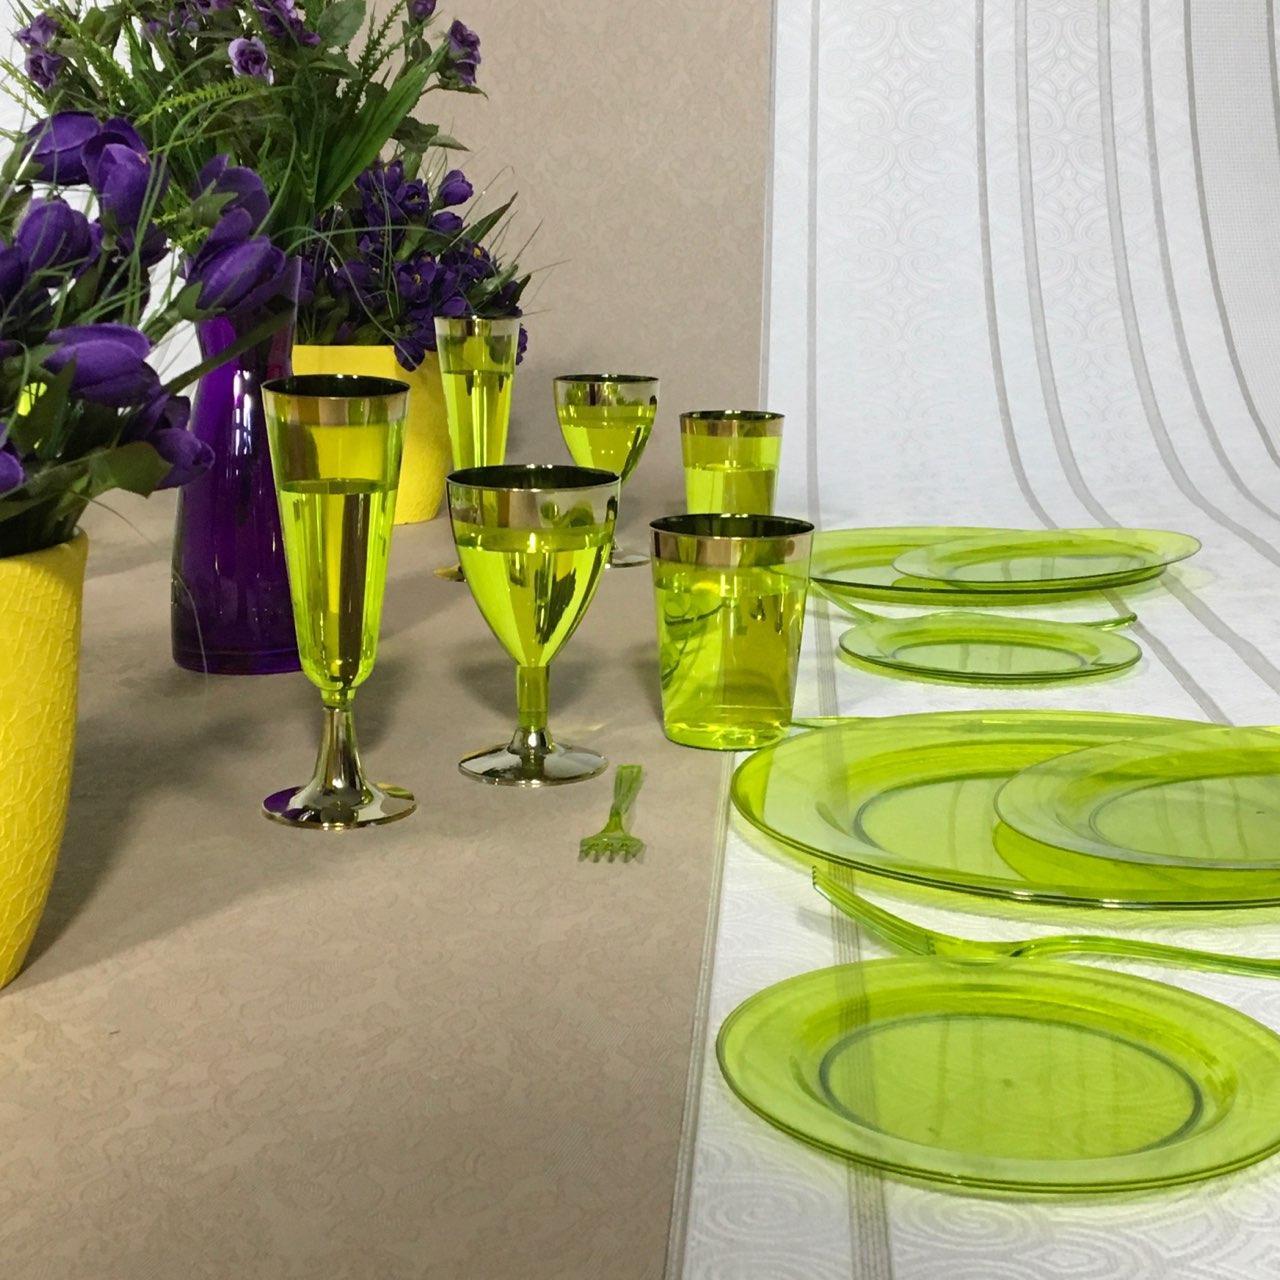 Стаканы пластиковые многоразовые цветные для свадьбы. Коллекция «Классико» CFP 6 шт 220 мл